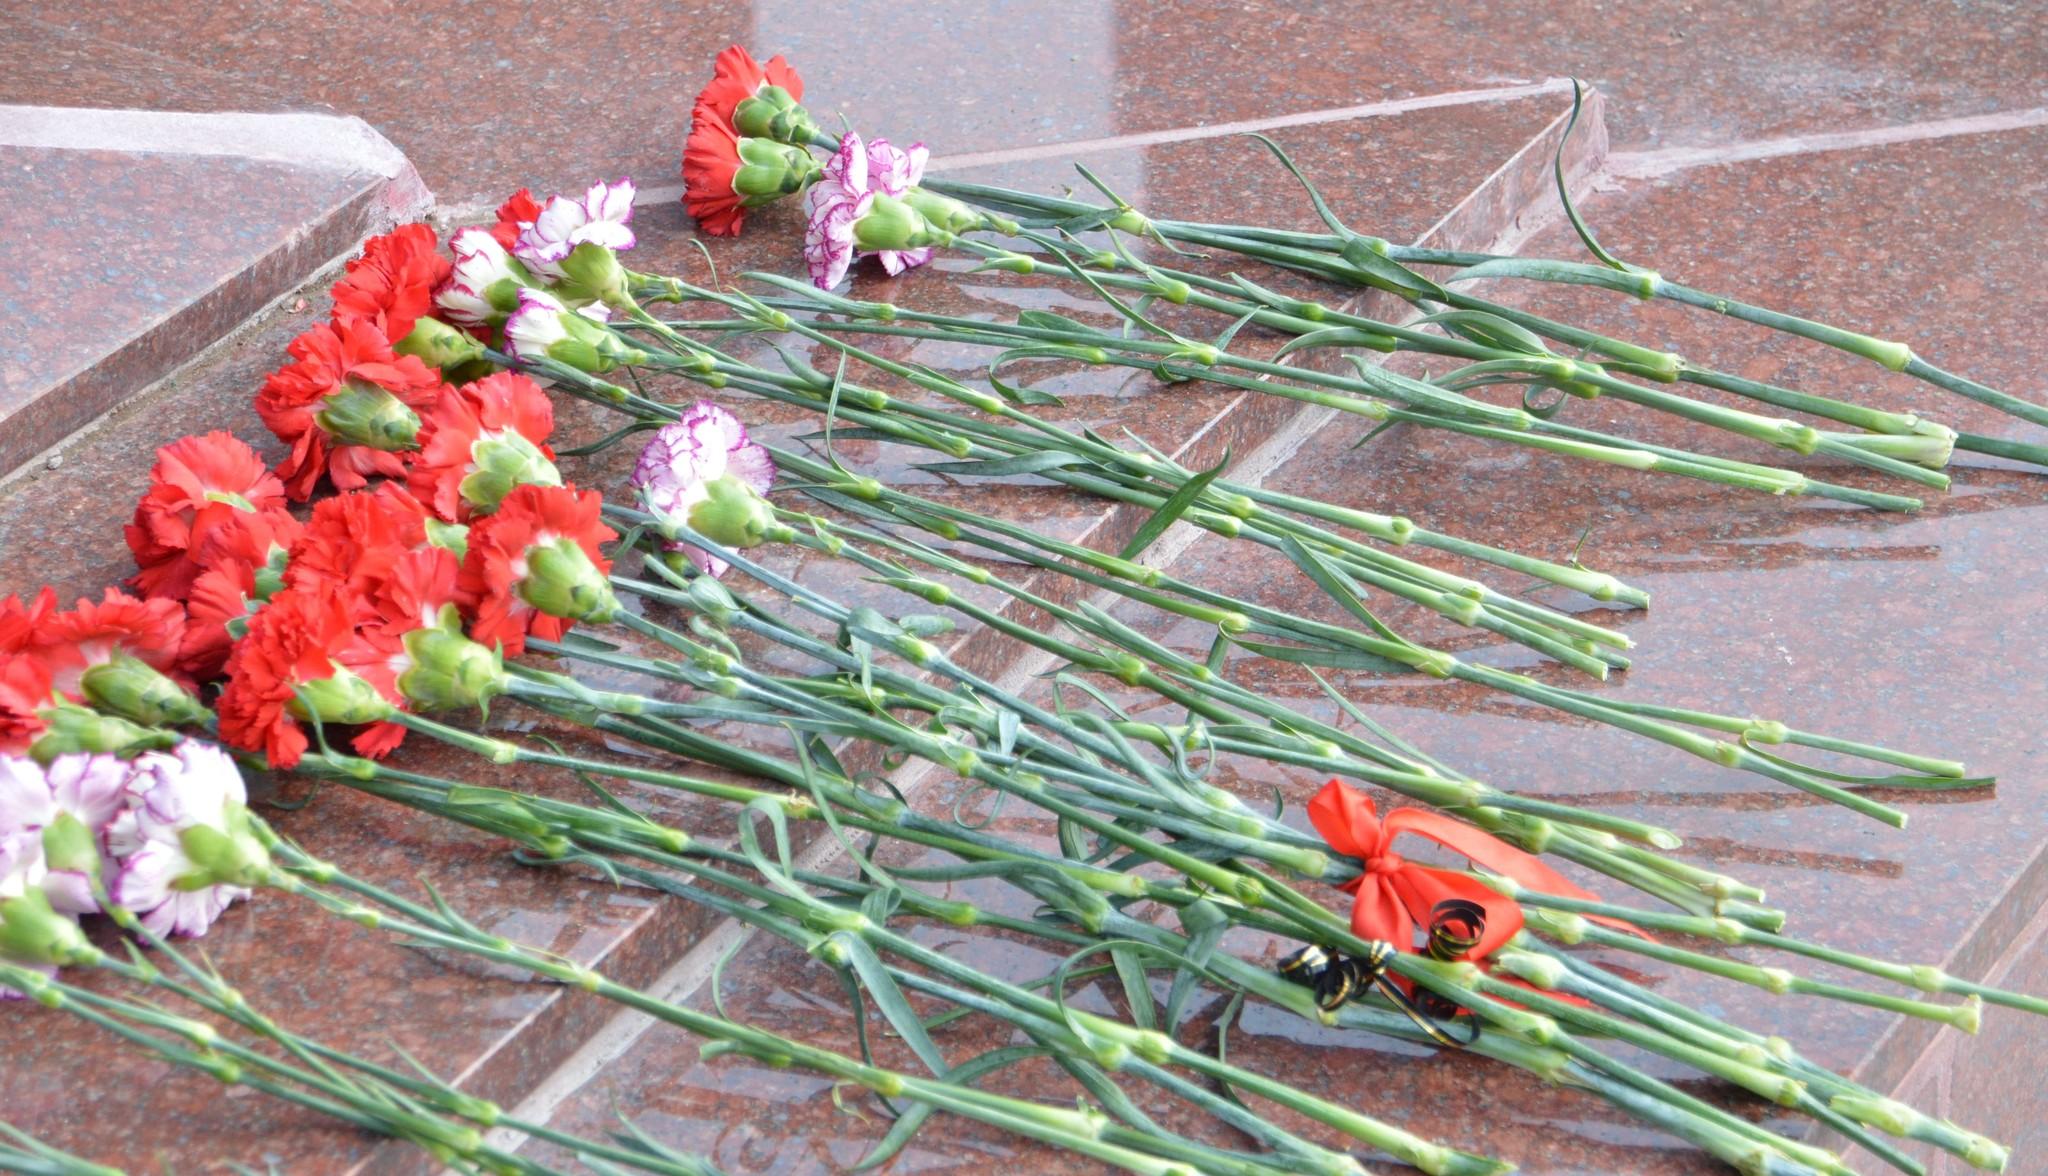 В Твери в преддверии Дня Победы приводят в порядок воинские захоронения - новости Афанасий